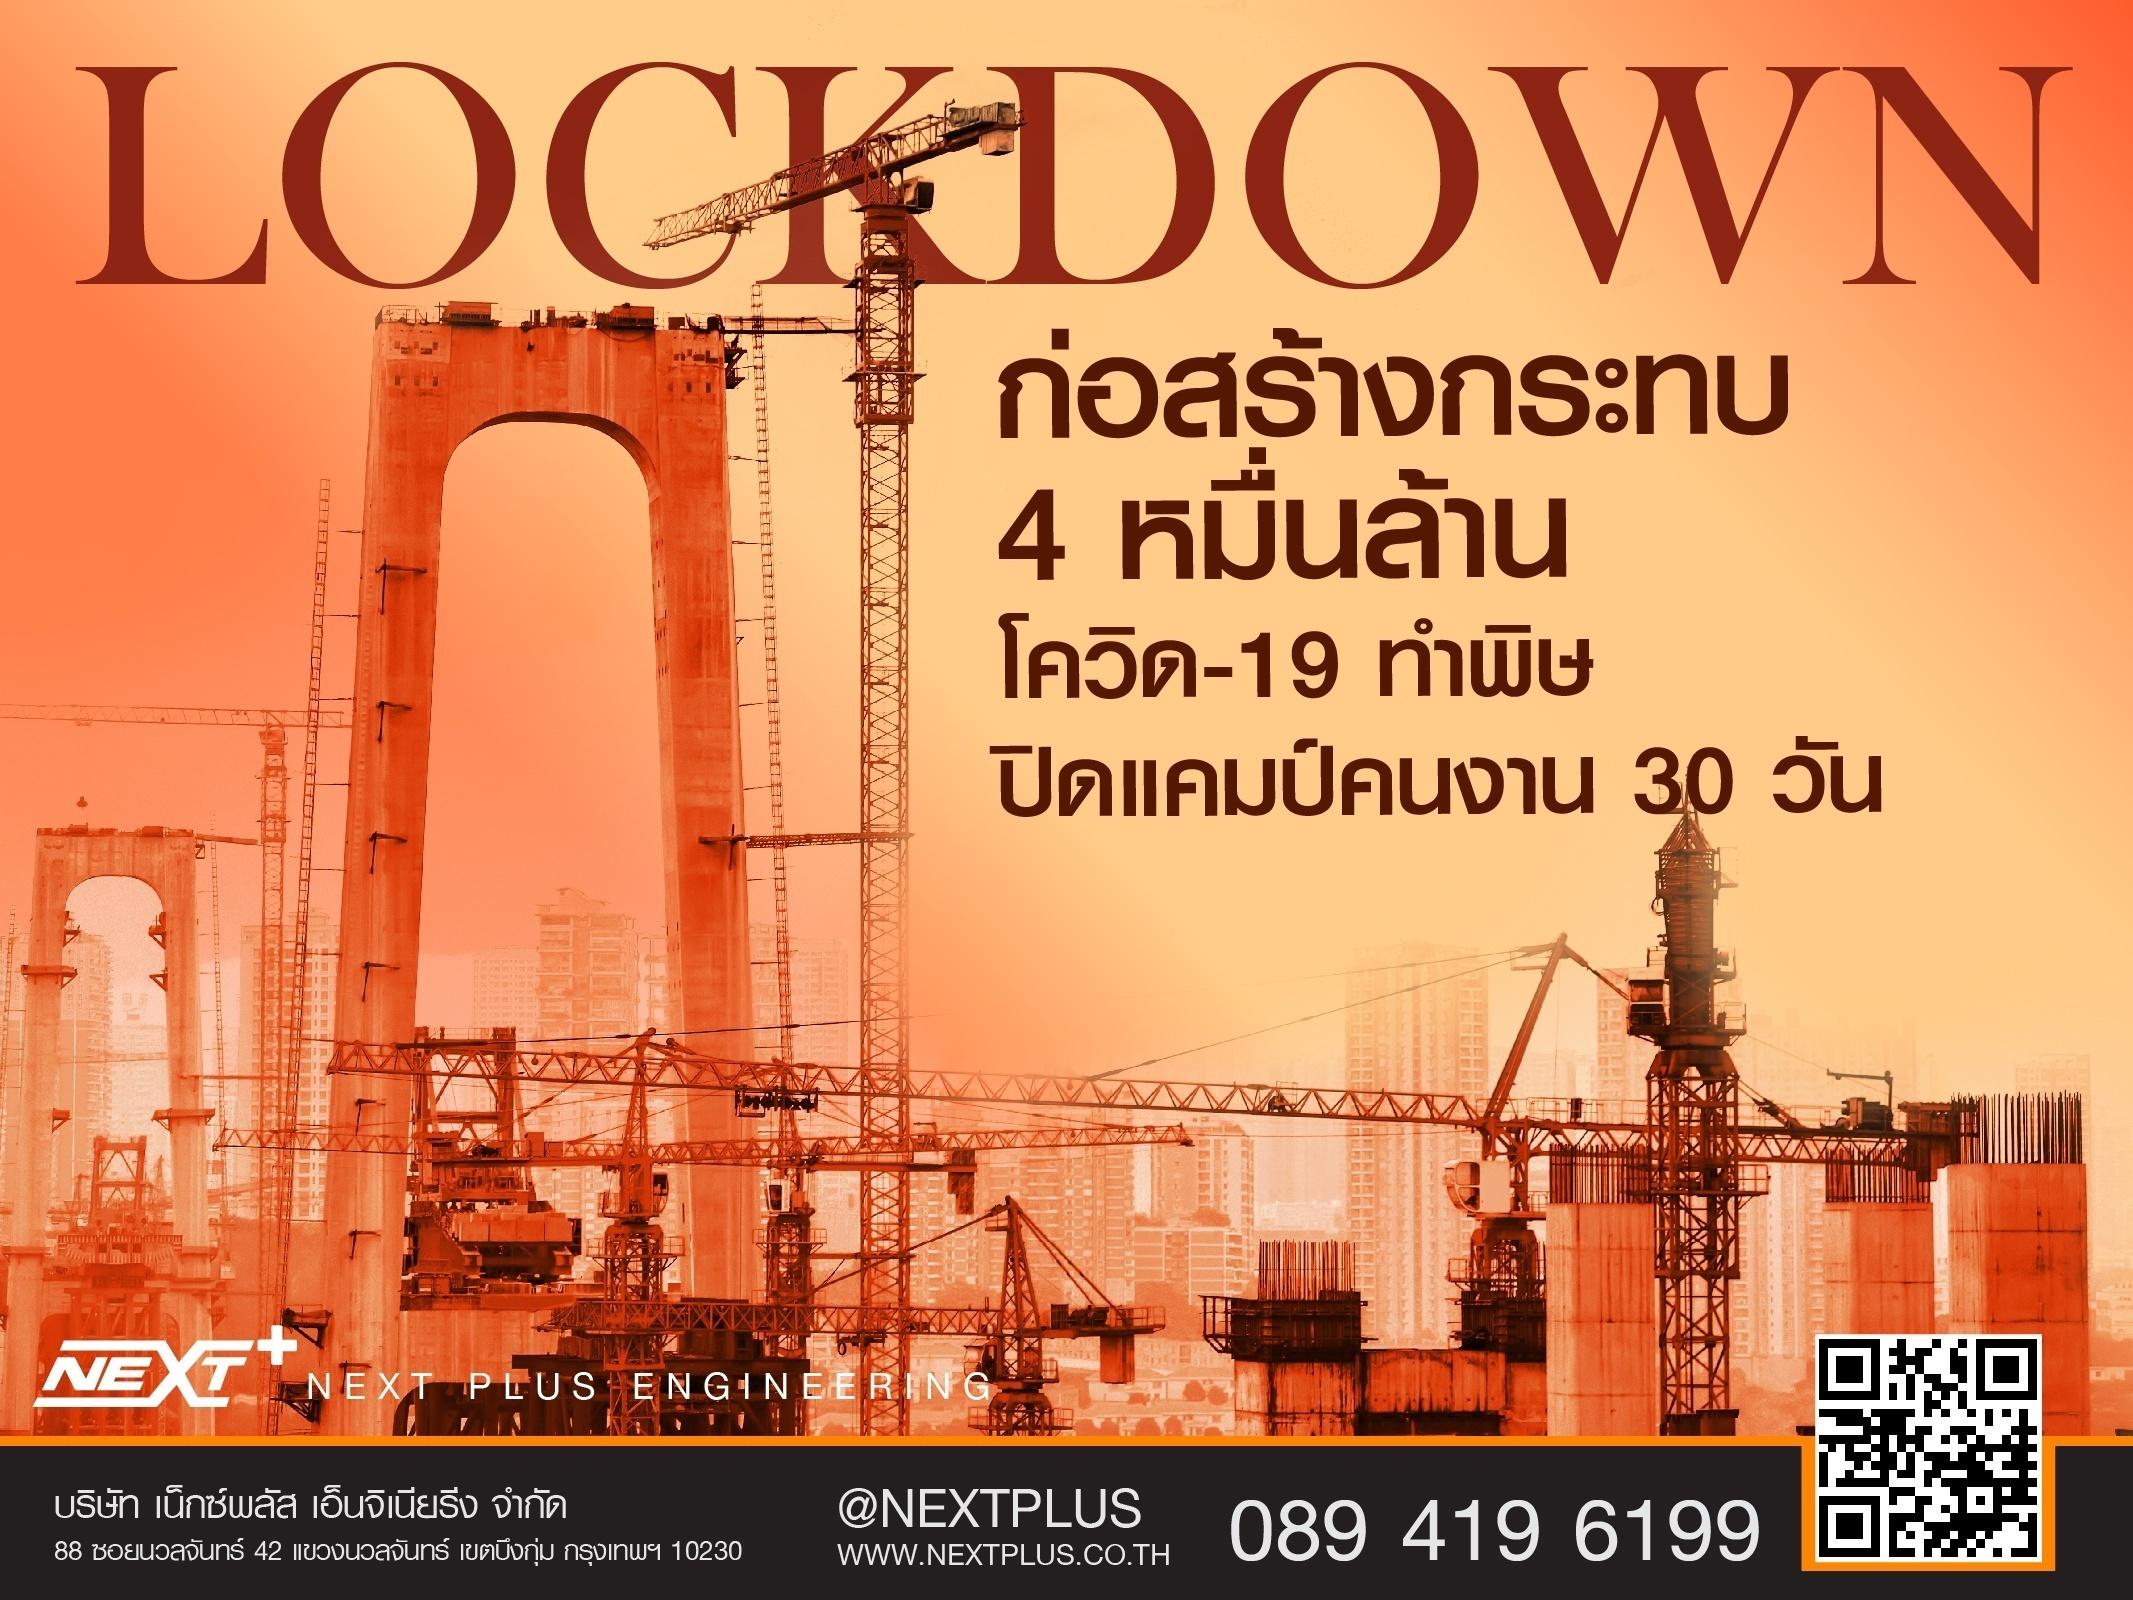 lockdown-Next-Plus-Engineering